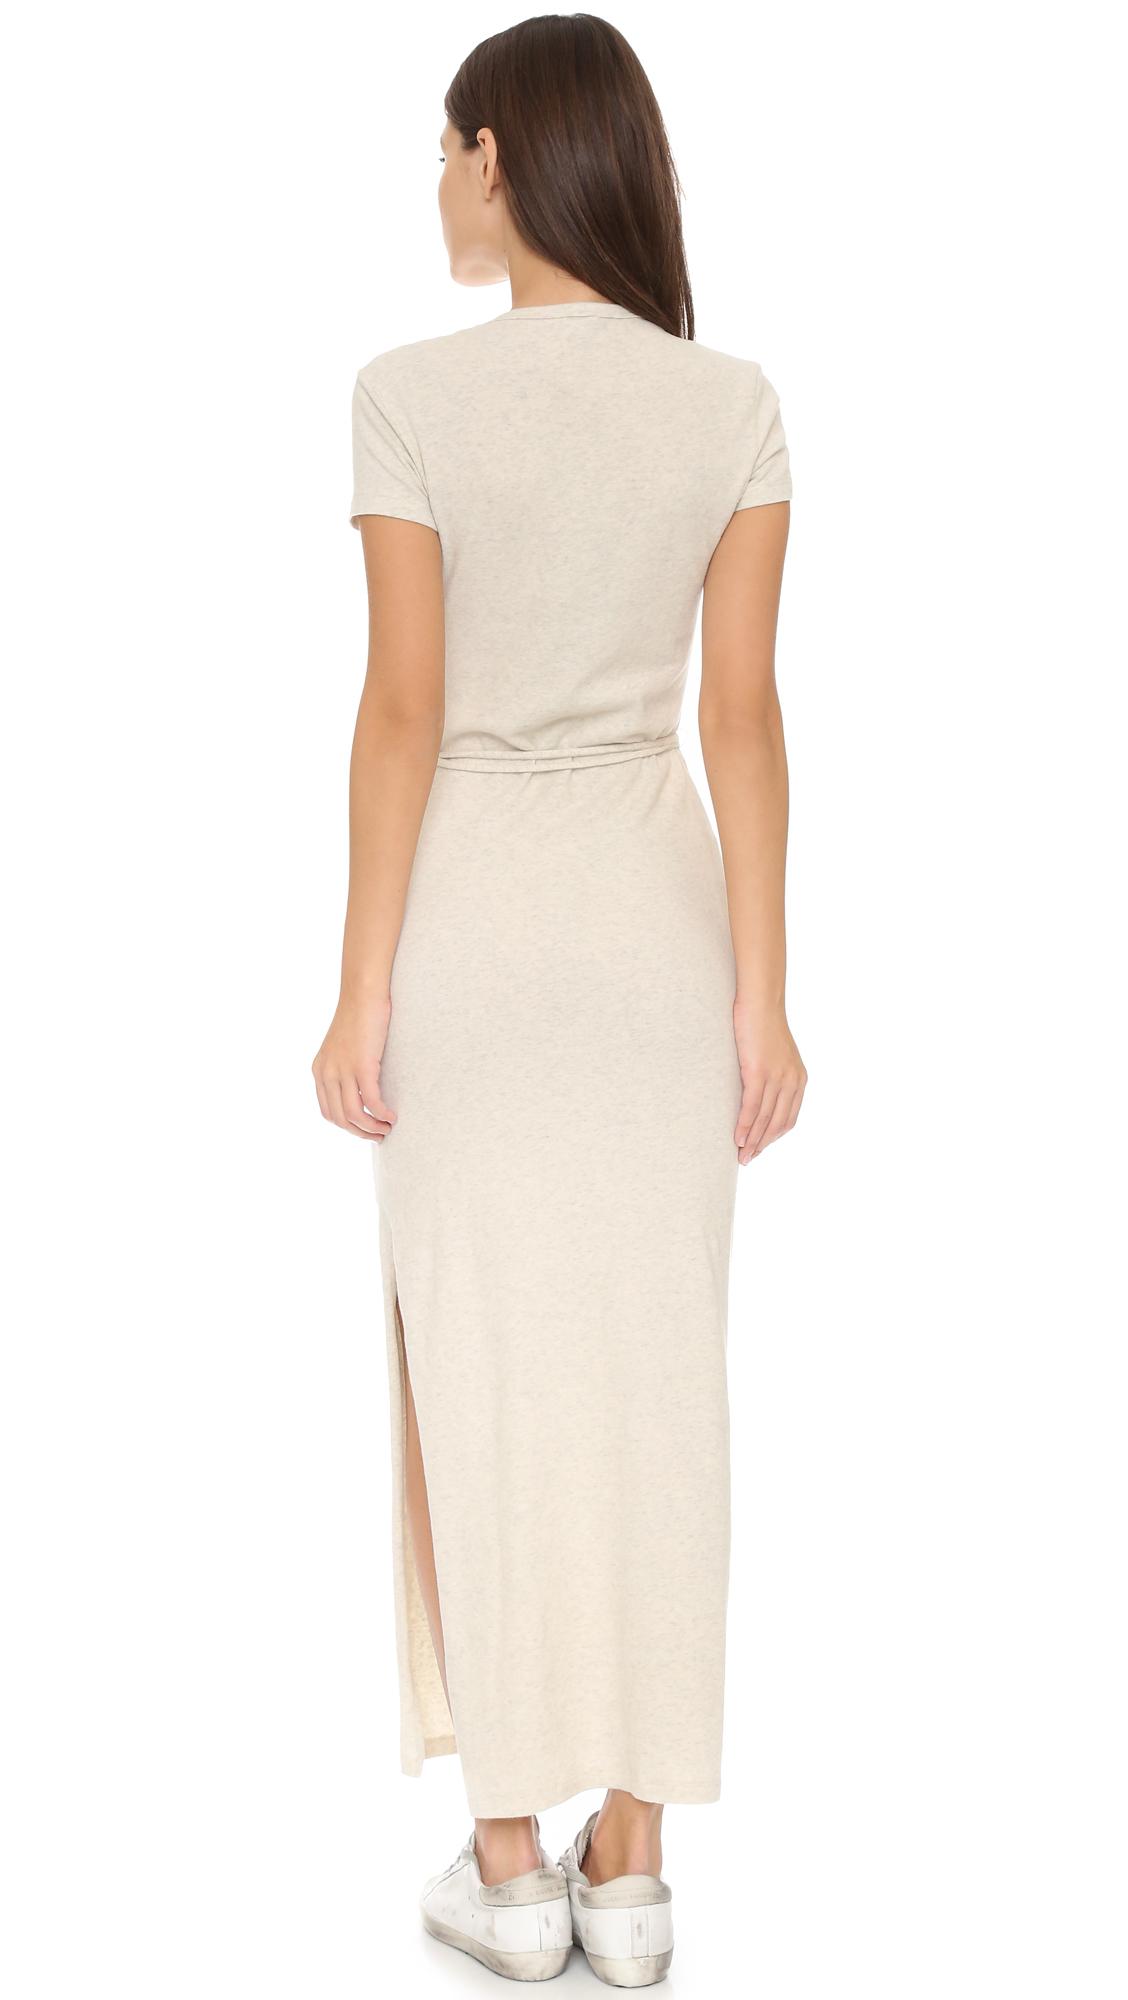 Madeleine thompson maxi dress